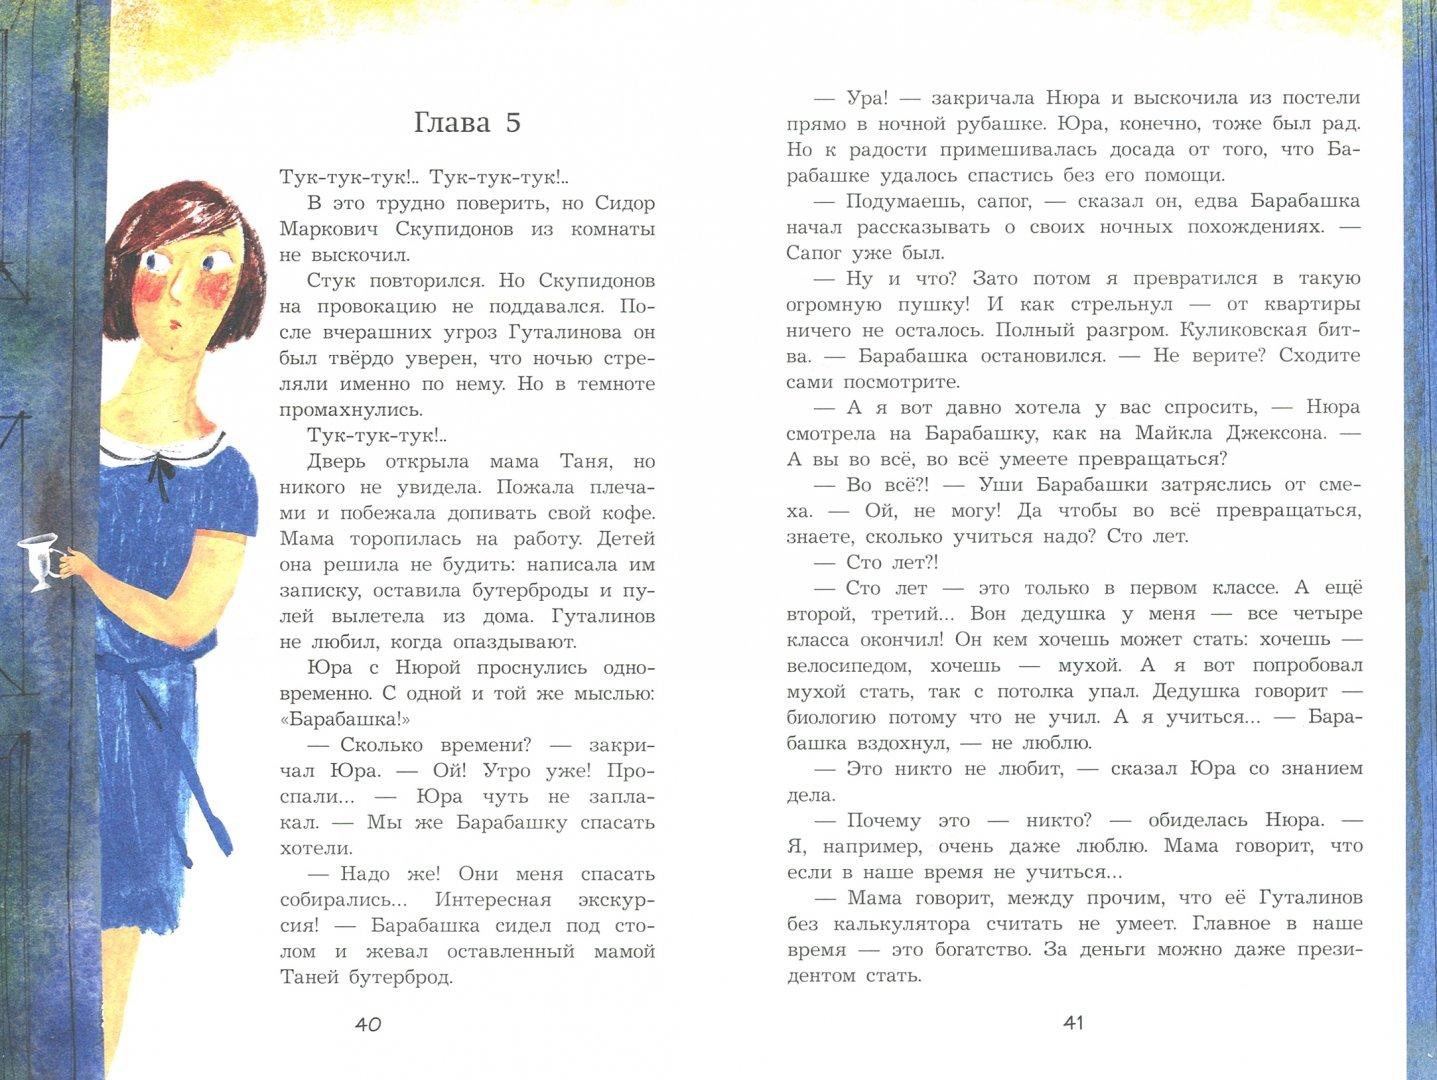 Иллюстрация 1 из 13 для Барабашка, или Обещано большое вознаграждение! - Усачев, Бартенев | Лабиринт - книги. Источник: Лабиринт